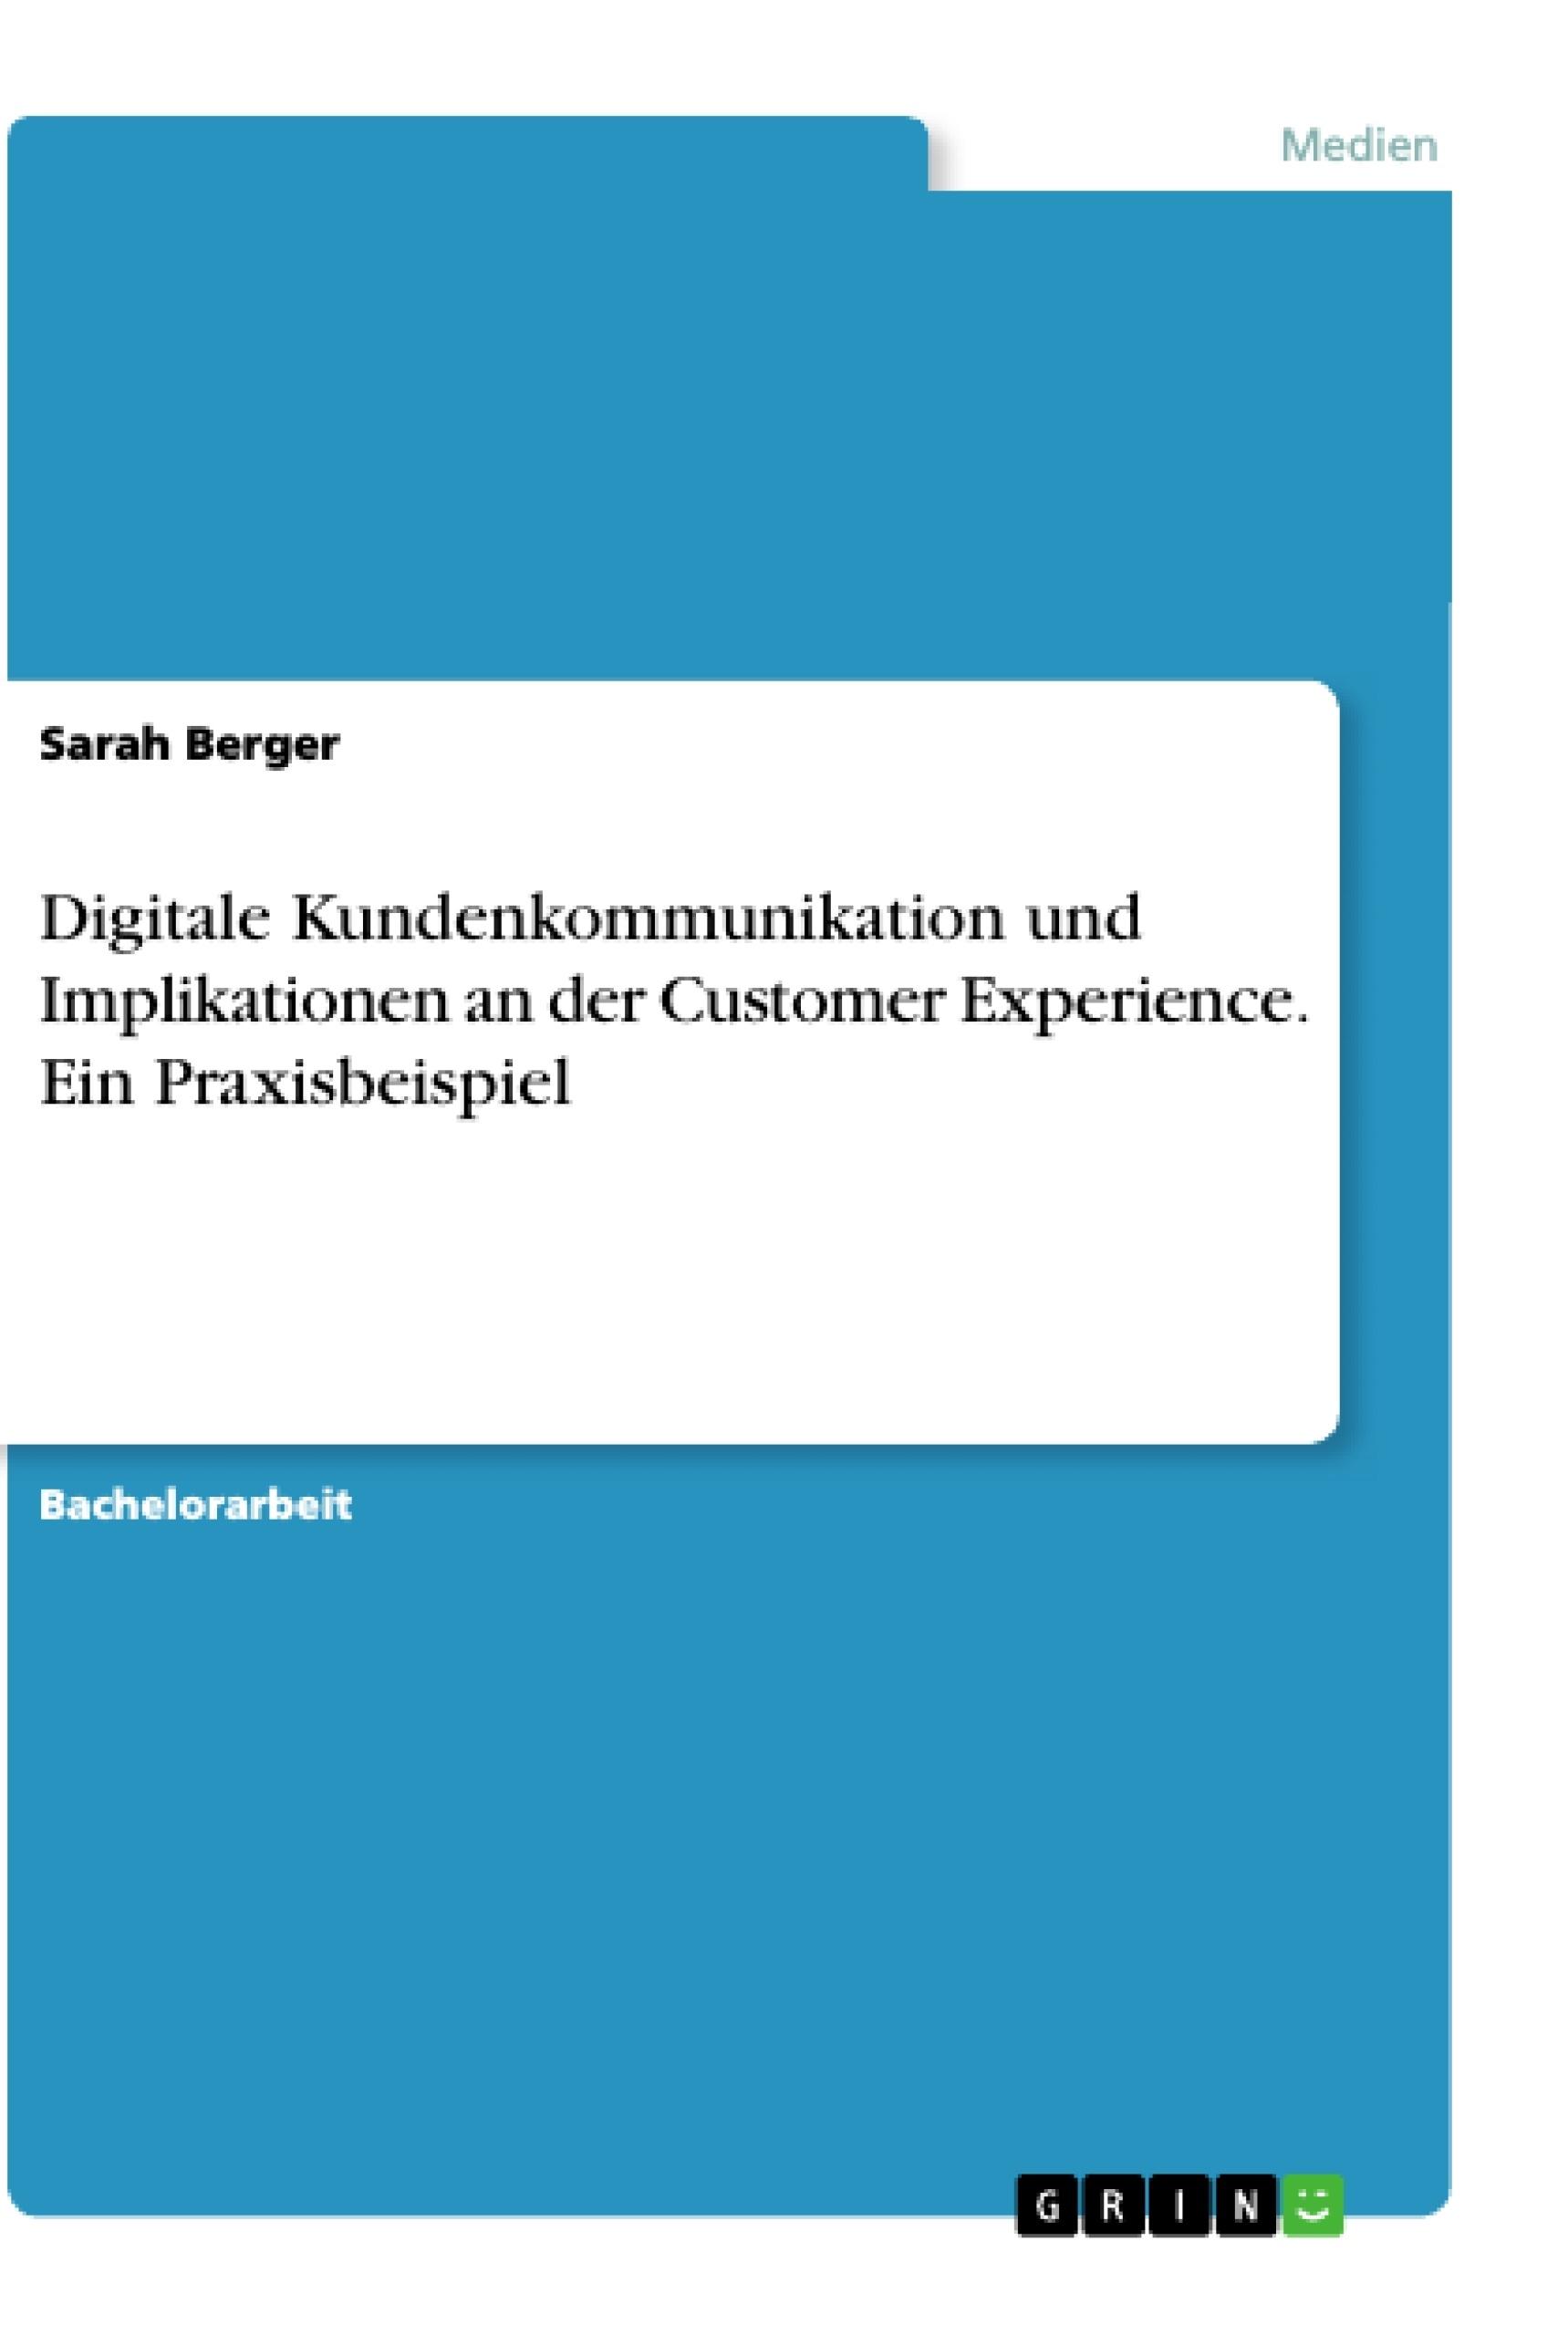 Titel: Digitale Kundenkommunikation und Implikationen an der Customer Experience. Ein Praxisbeispiel